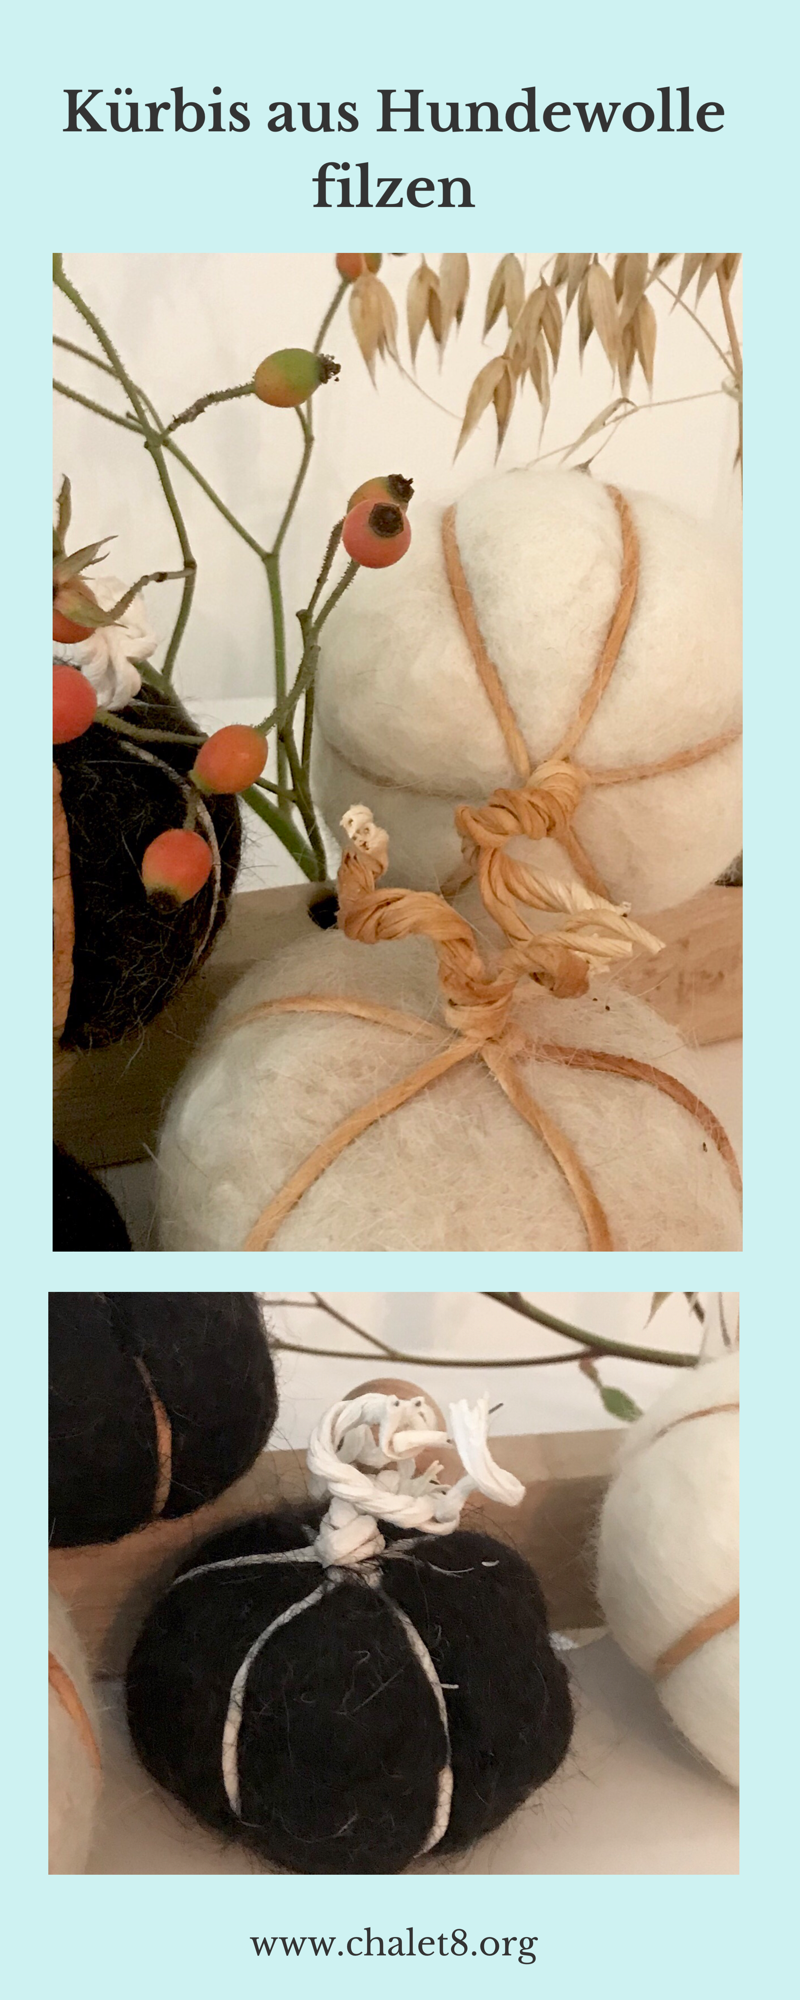 DIY: Kürbis filzen aus Hundewolle mit selbstgemachtem Spülimittel aus Alepposeife. Natürliche Herbst Deko selber machen. Prima Idee für Hunde. Upcycling von Hundehaaren. #Kürbis, #Herbst, #Chalet8, #Herbstdeko, #Filzen